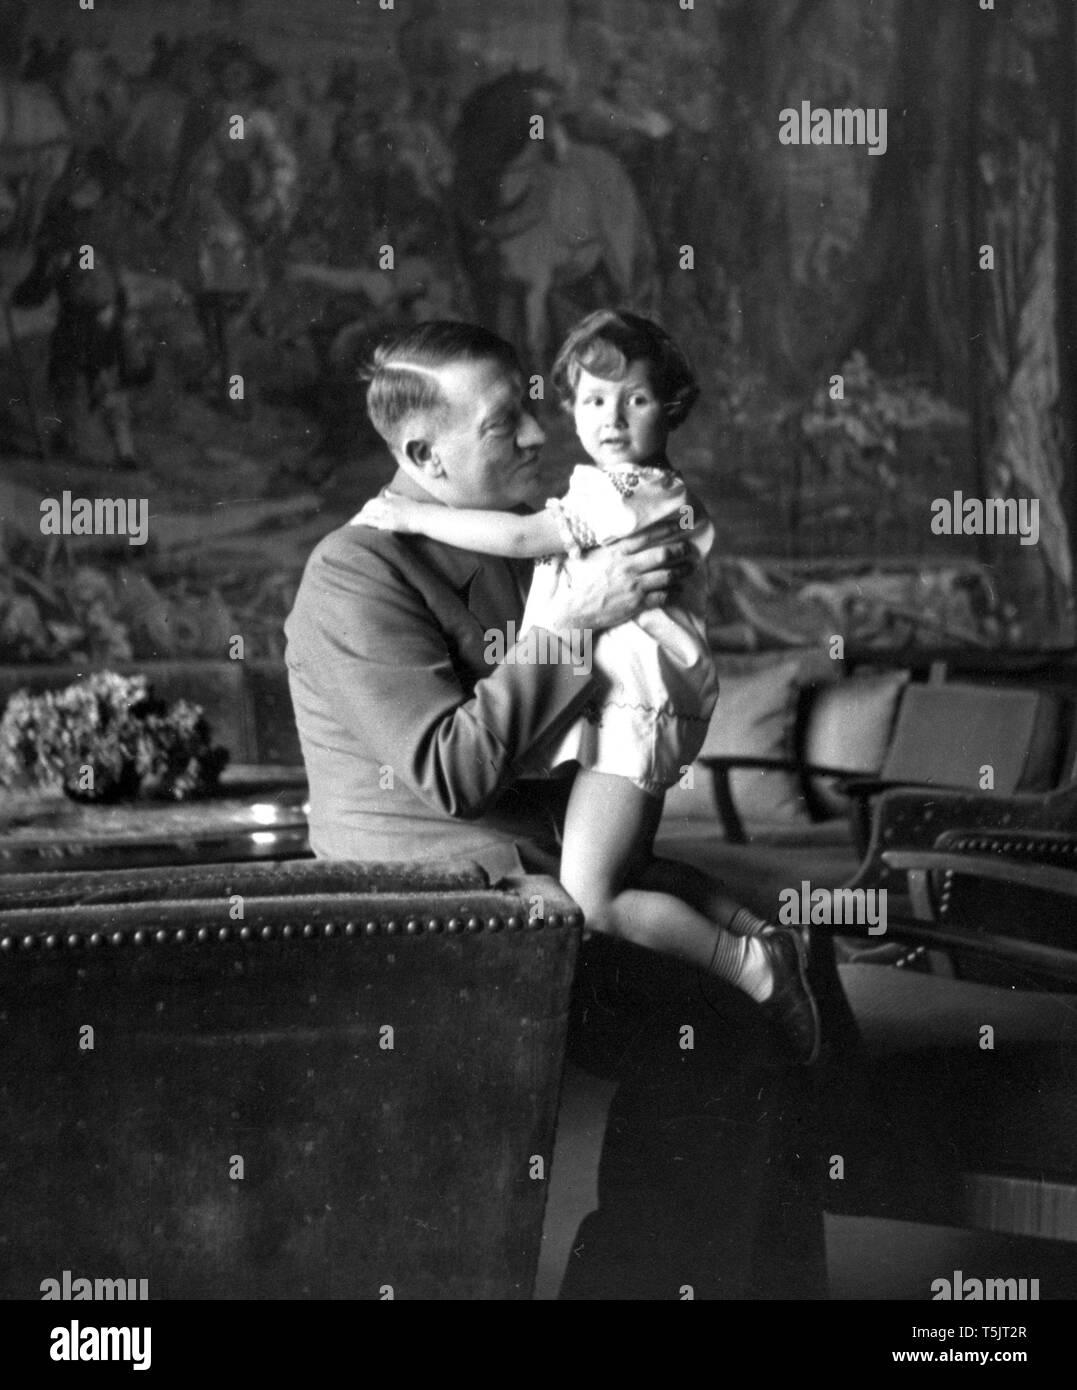 """Эти фотографии были сделаны в 1942 году в личной резиденции Гитлера """"Бергхоф"""" в баварских Альпах. """"Бергхоф"""" был построен в 1916 году и до полной перестройки под вкус Гитлера в 1936 году  это здание называлось «Дом Вахенфельд» (нем. Haus Wachenfeld). Принадлежало оно вдове коммерческого советника Винтера из Букстехуде, девичья фамилия которой была Вахенфельд."""